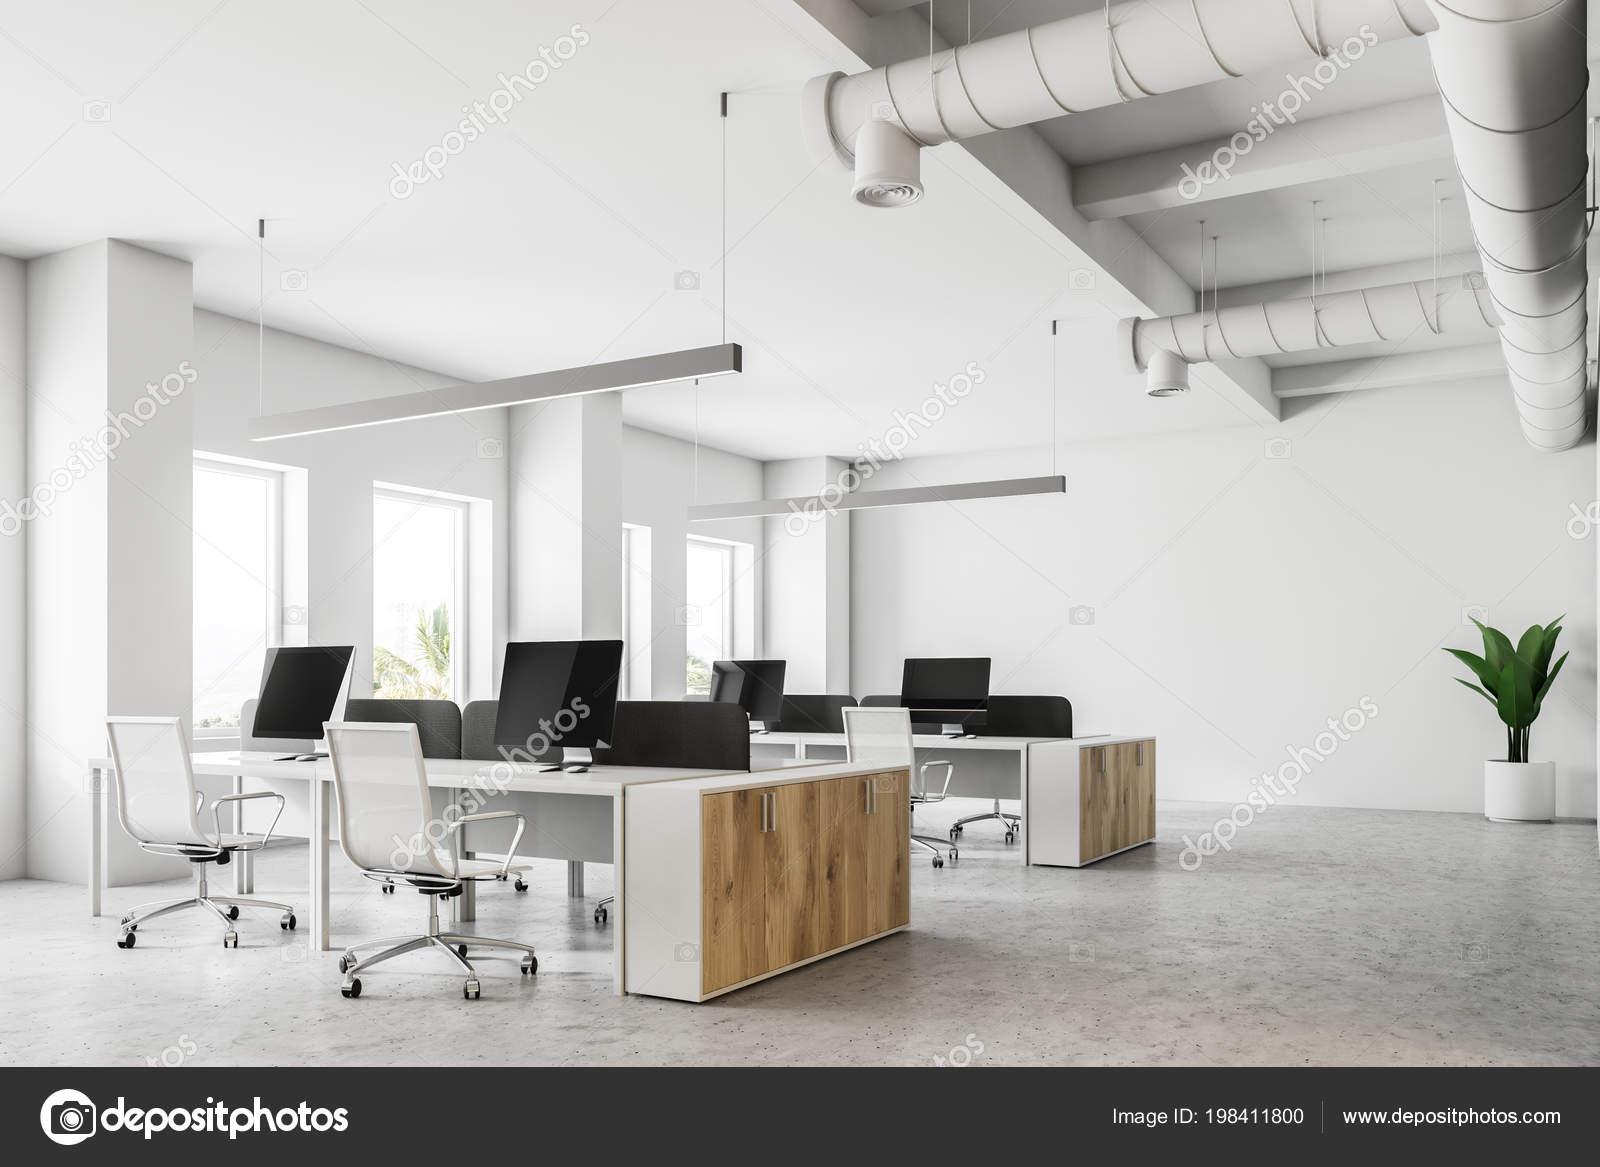 Rogu Biuro Otwarta Przestrzeń Białymi ścianami Beton Wiersze